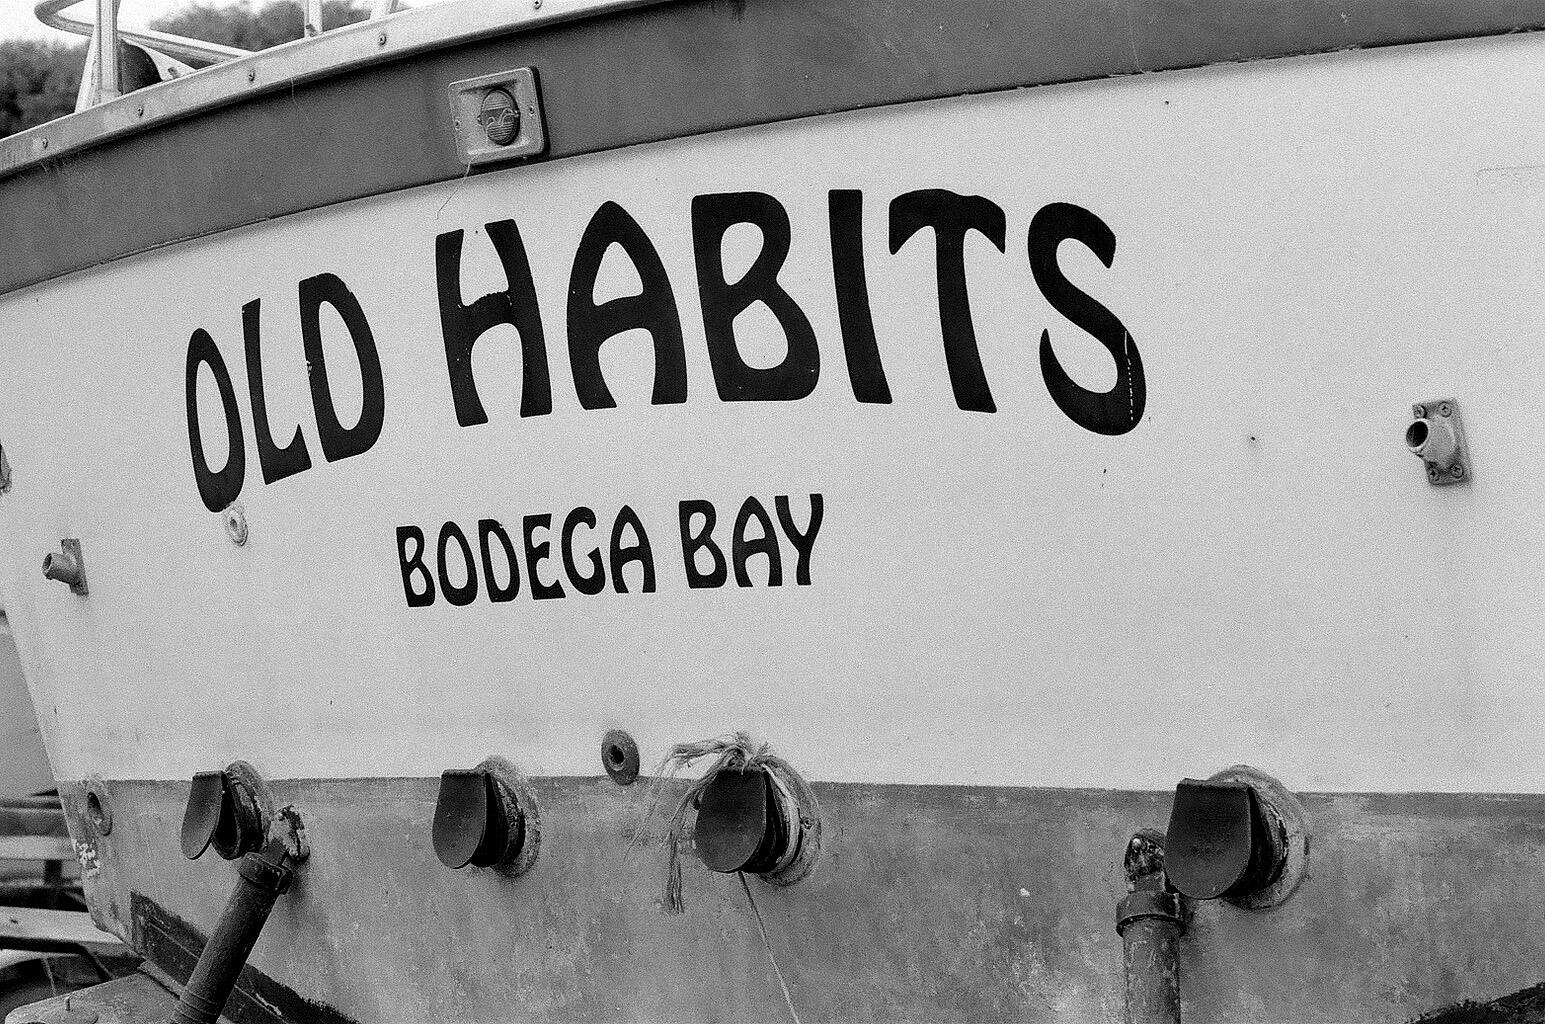 Fishing boat storage yard, Bodega Bay. Nikon F2A, 85mm f/1.4 Nikkor